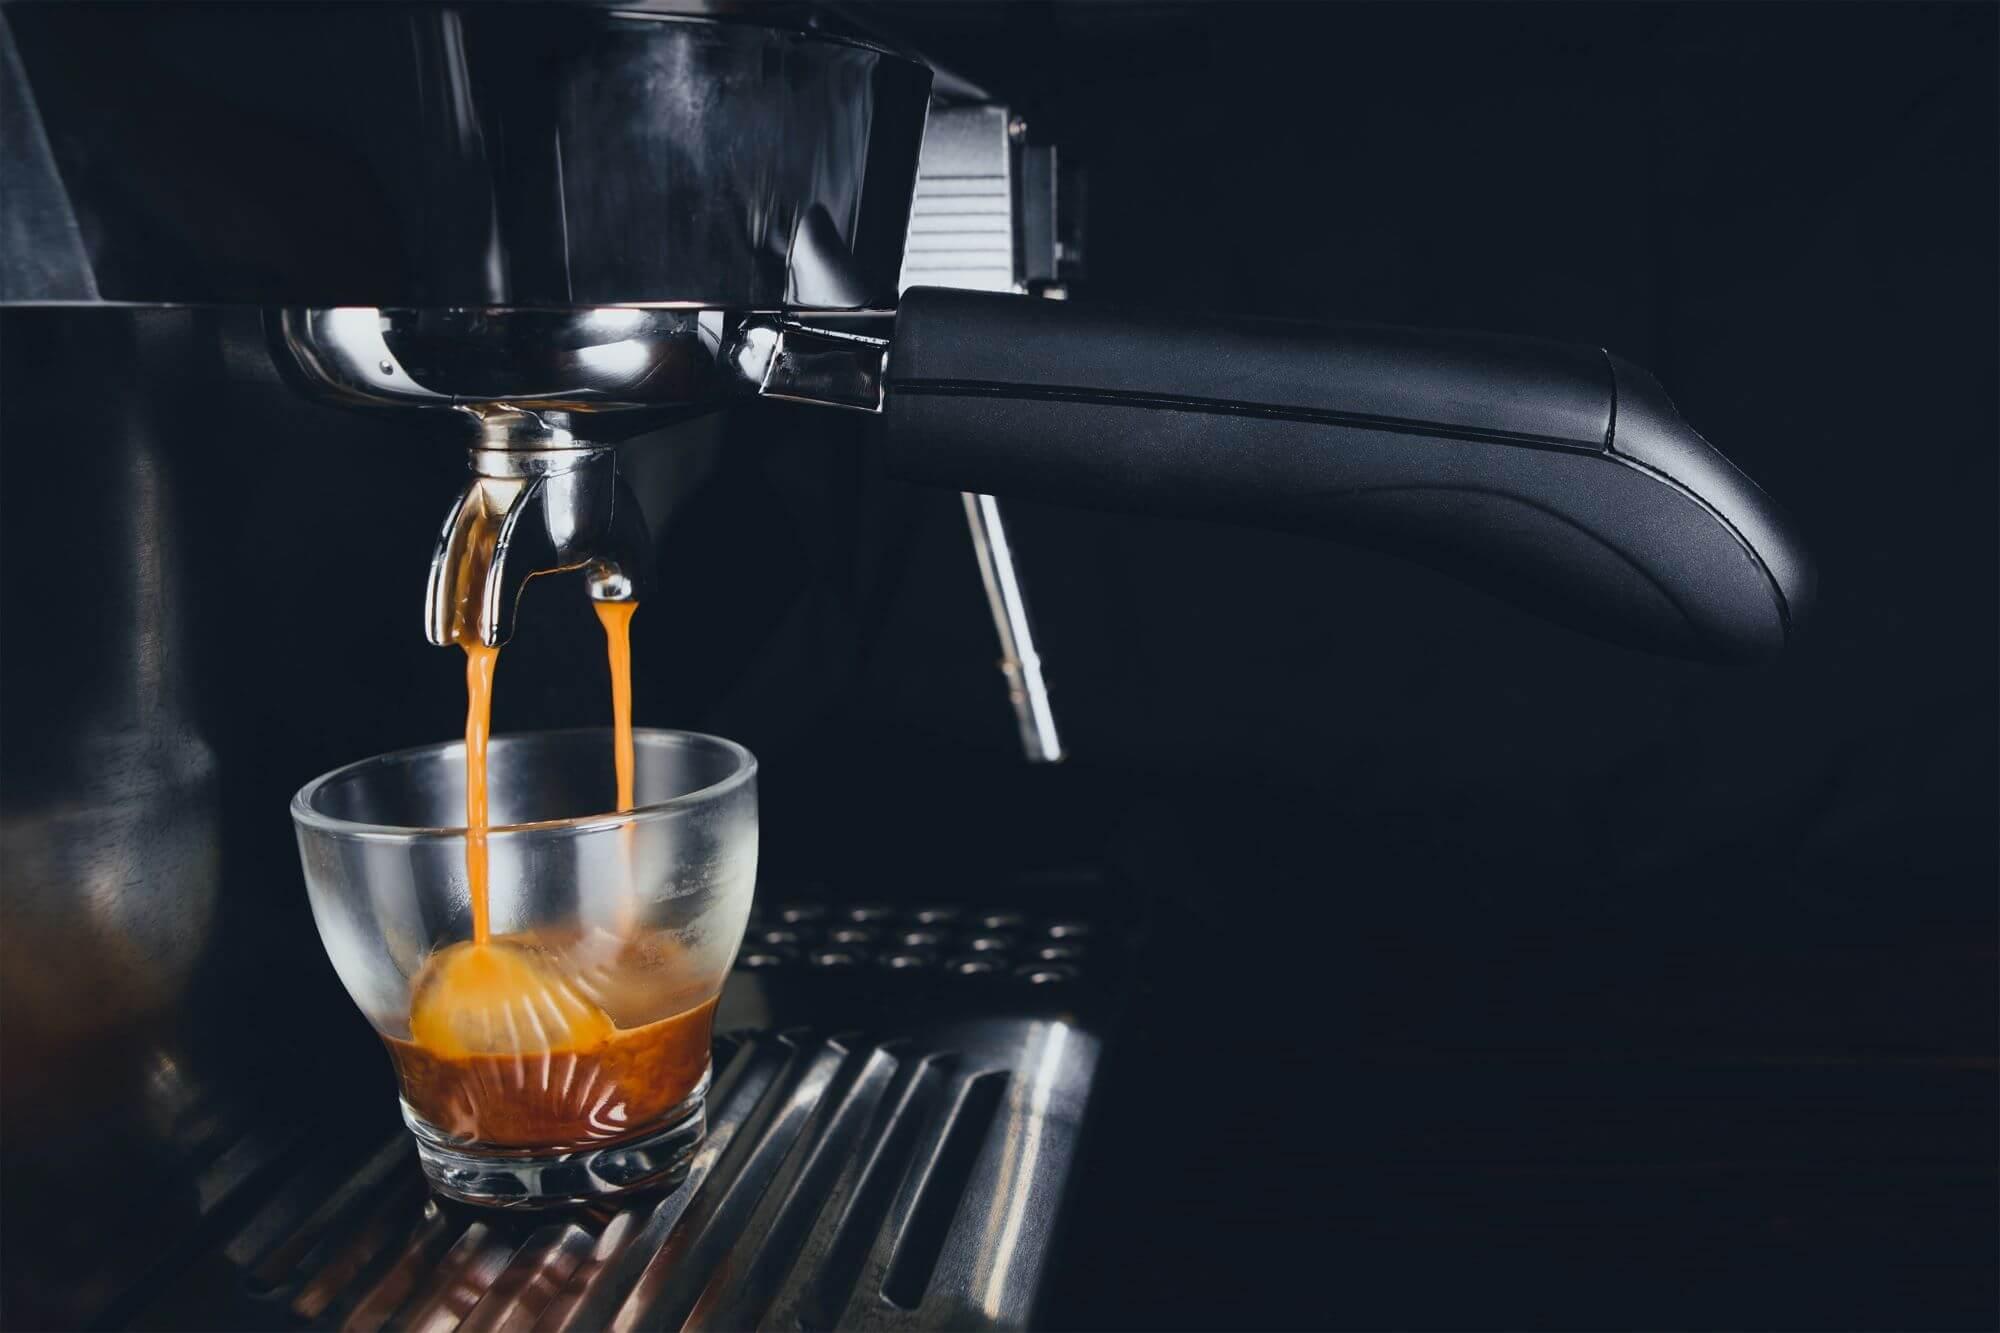 Siebträgermaschine Zweikreiser: Zubereitung von Espresso